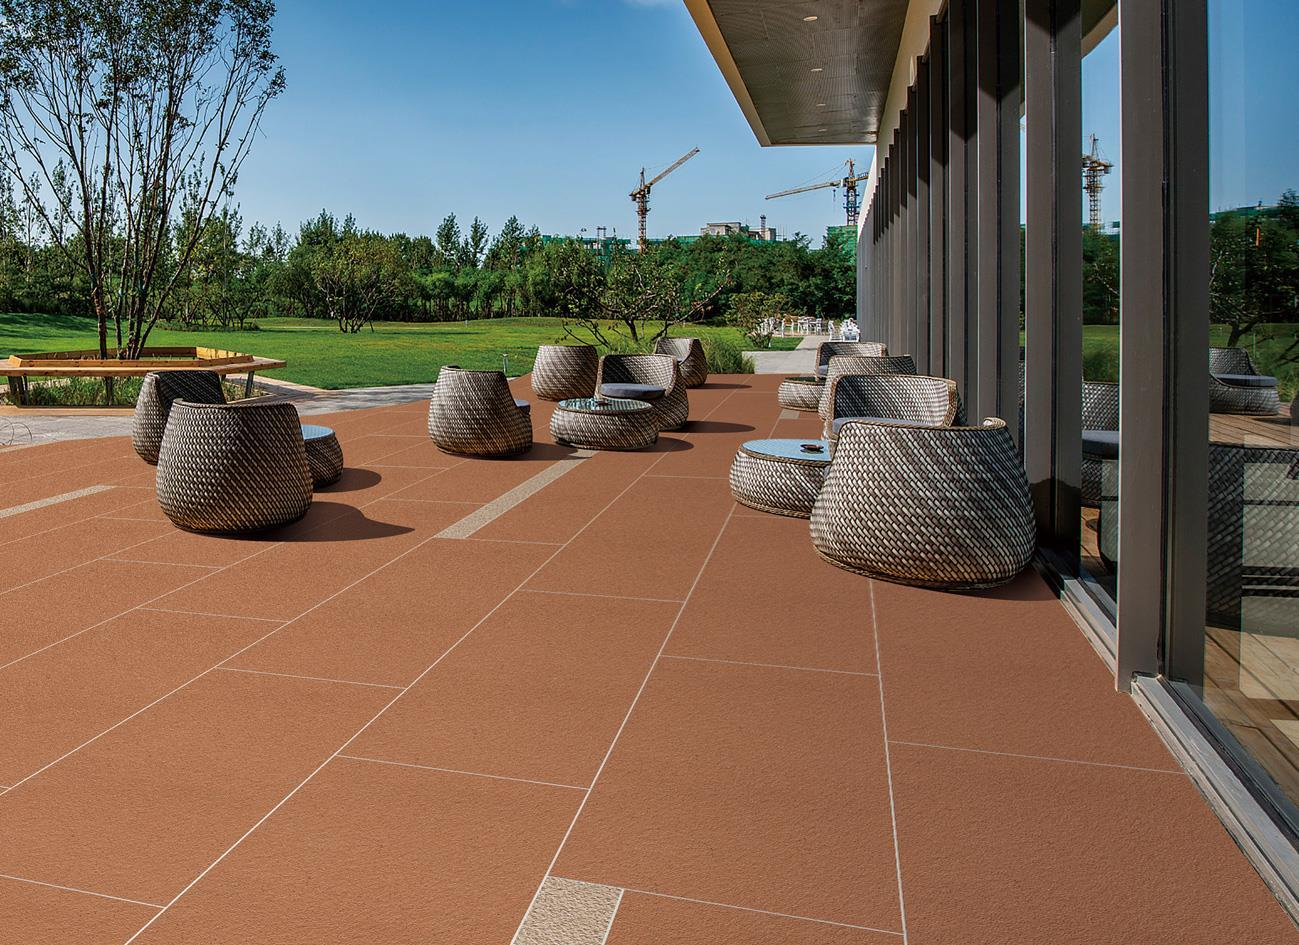 戶外石英磚瓷磚厚板:2cm石英磚瓷磚厚板可以大規模生產嗎?